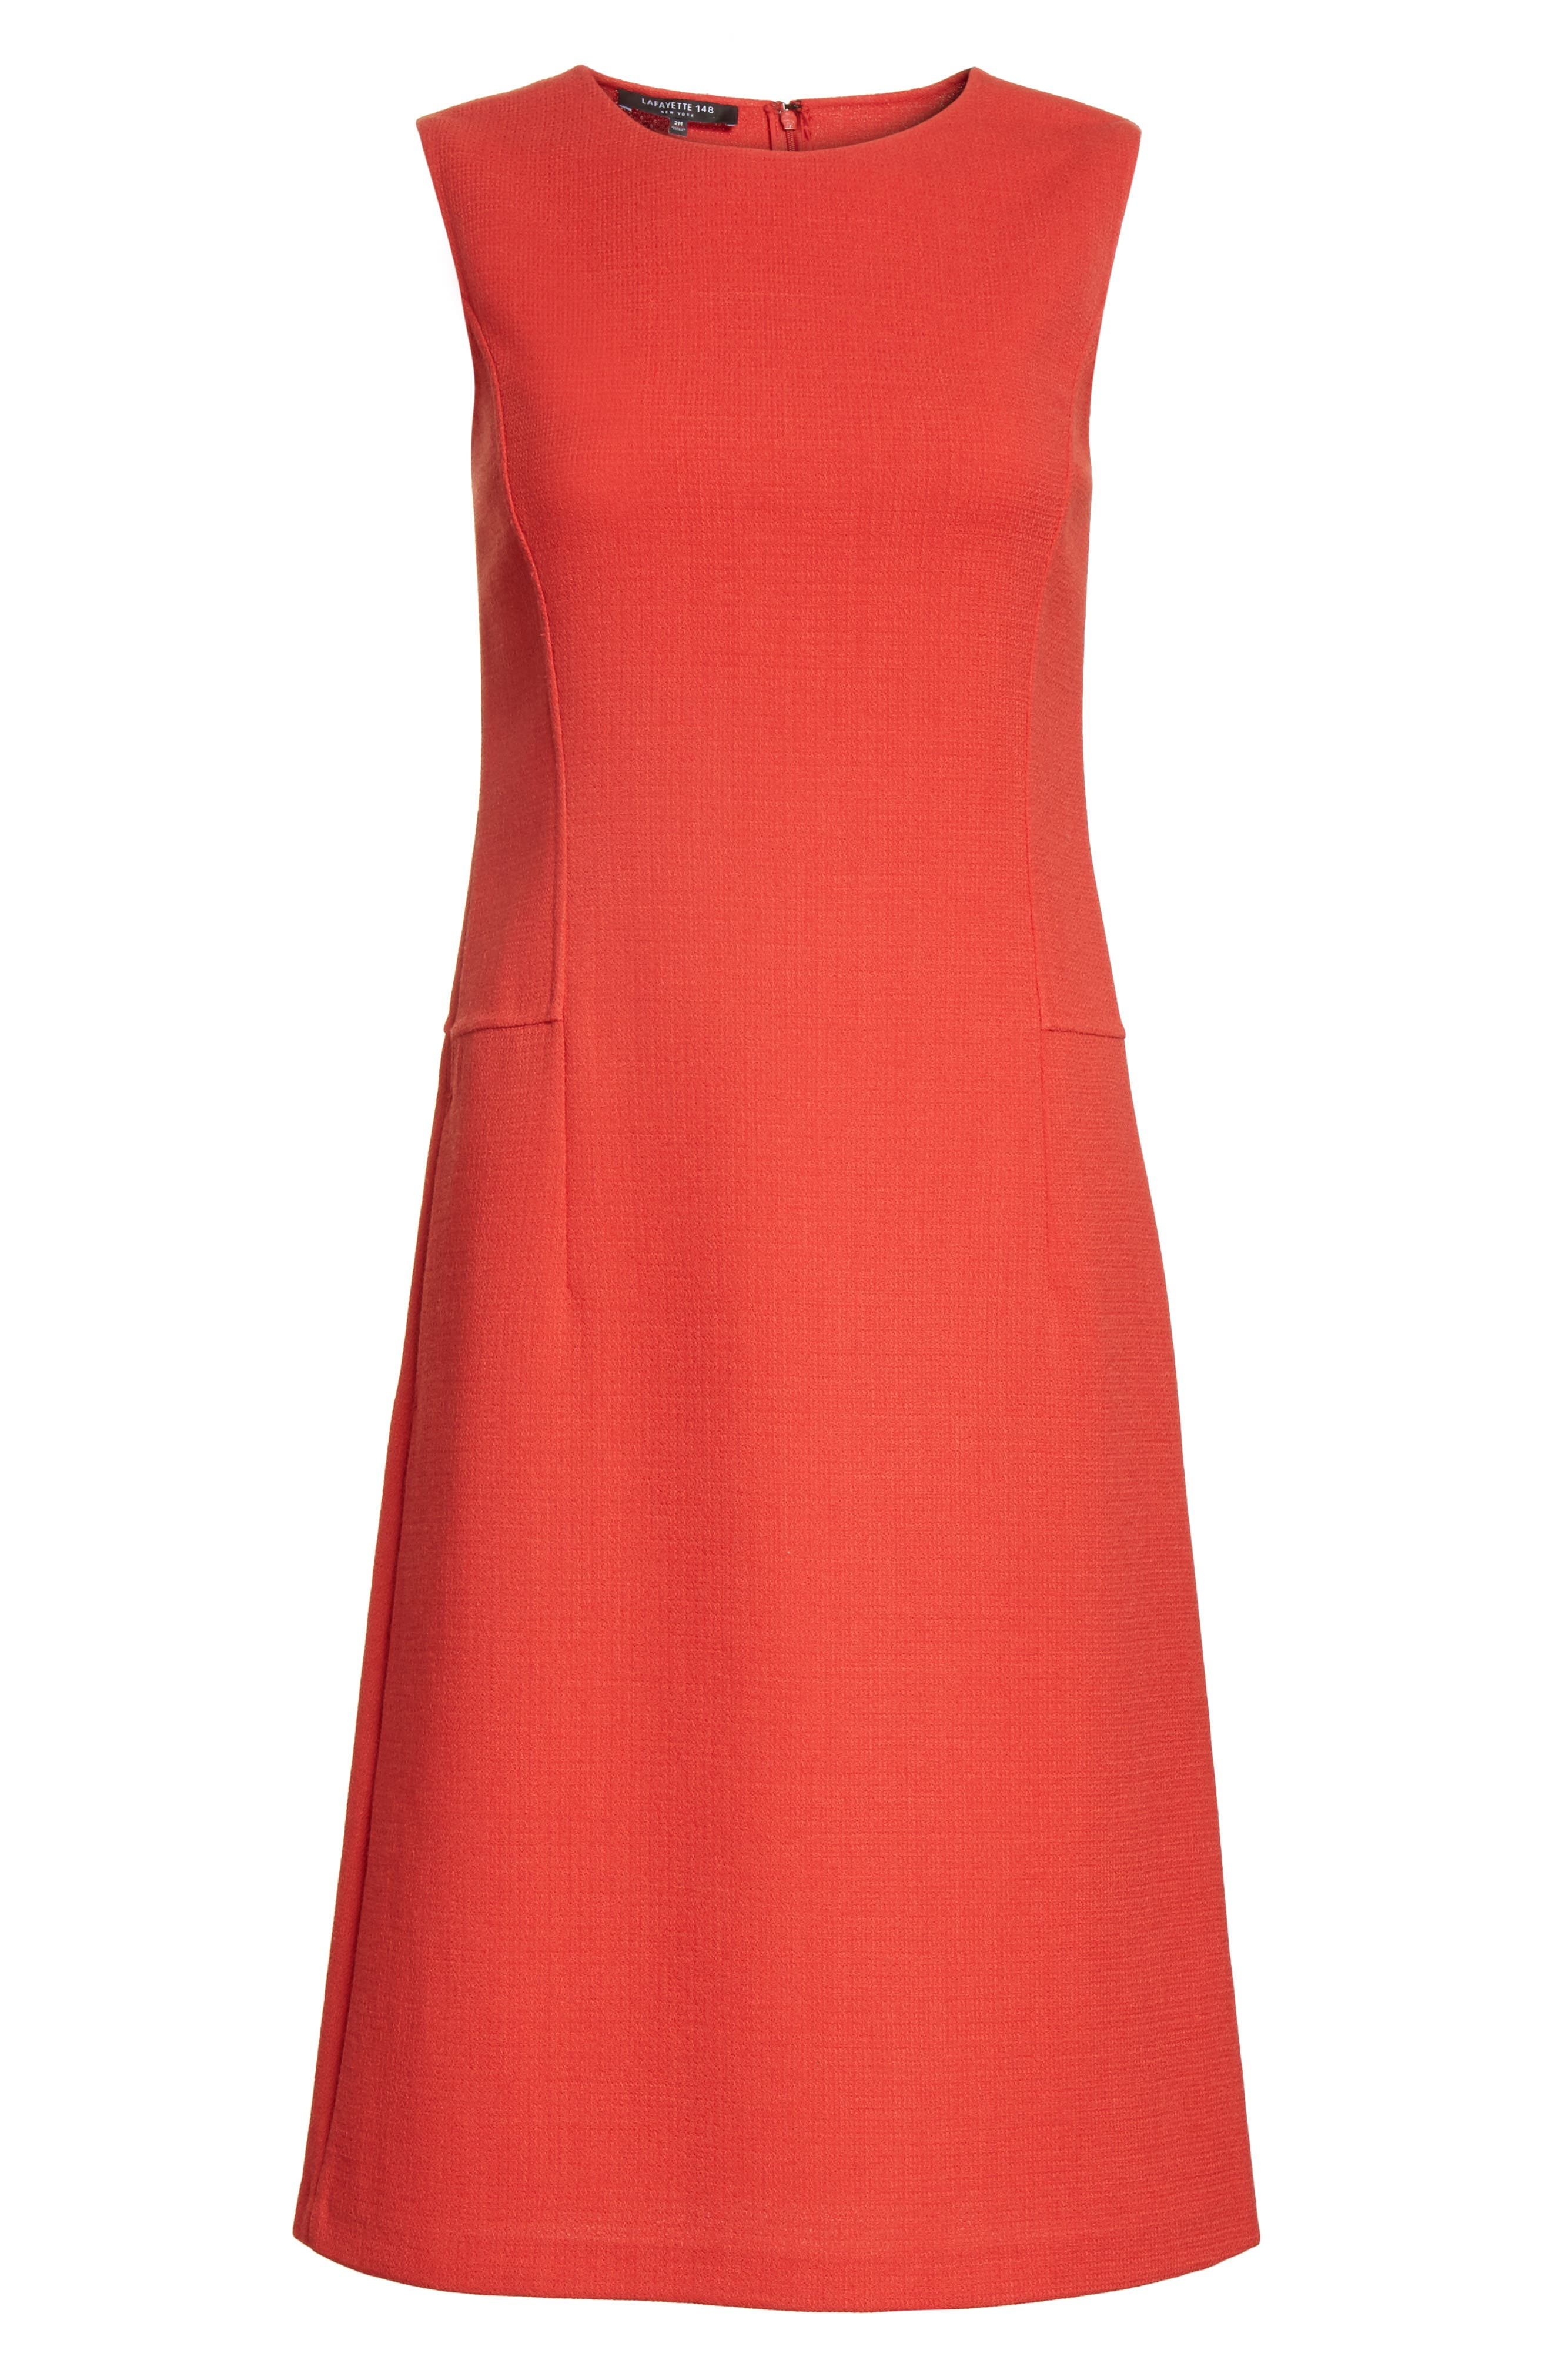 Selita Nouveau Crepe Dress,                             Alternate thumbnail 7, color,                             Persimmon